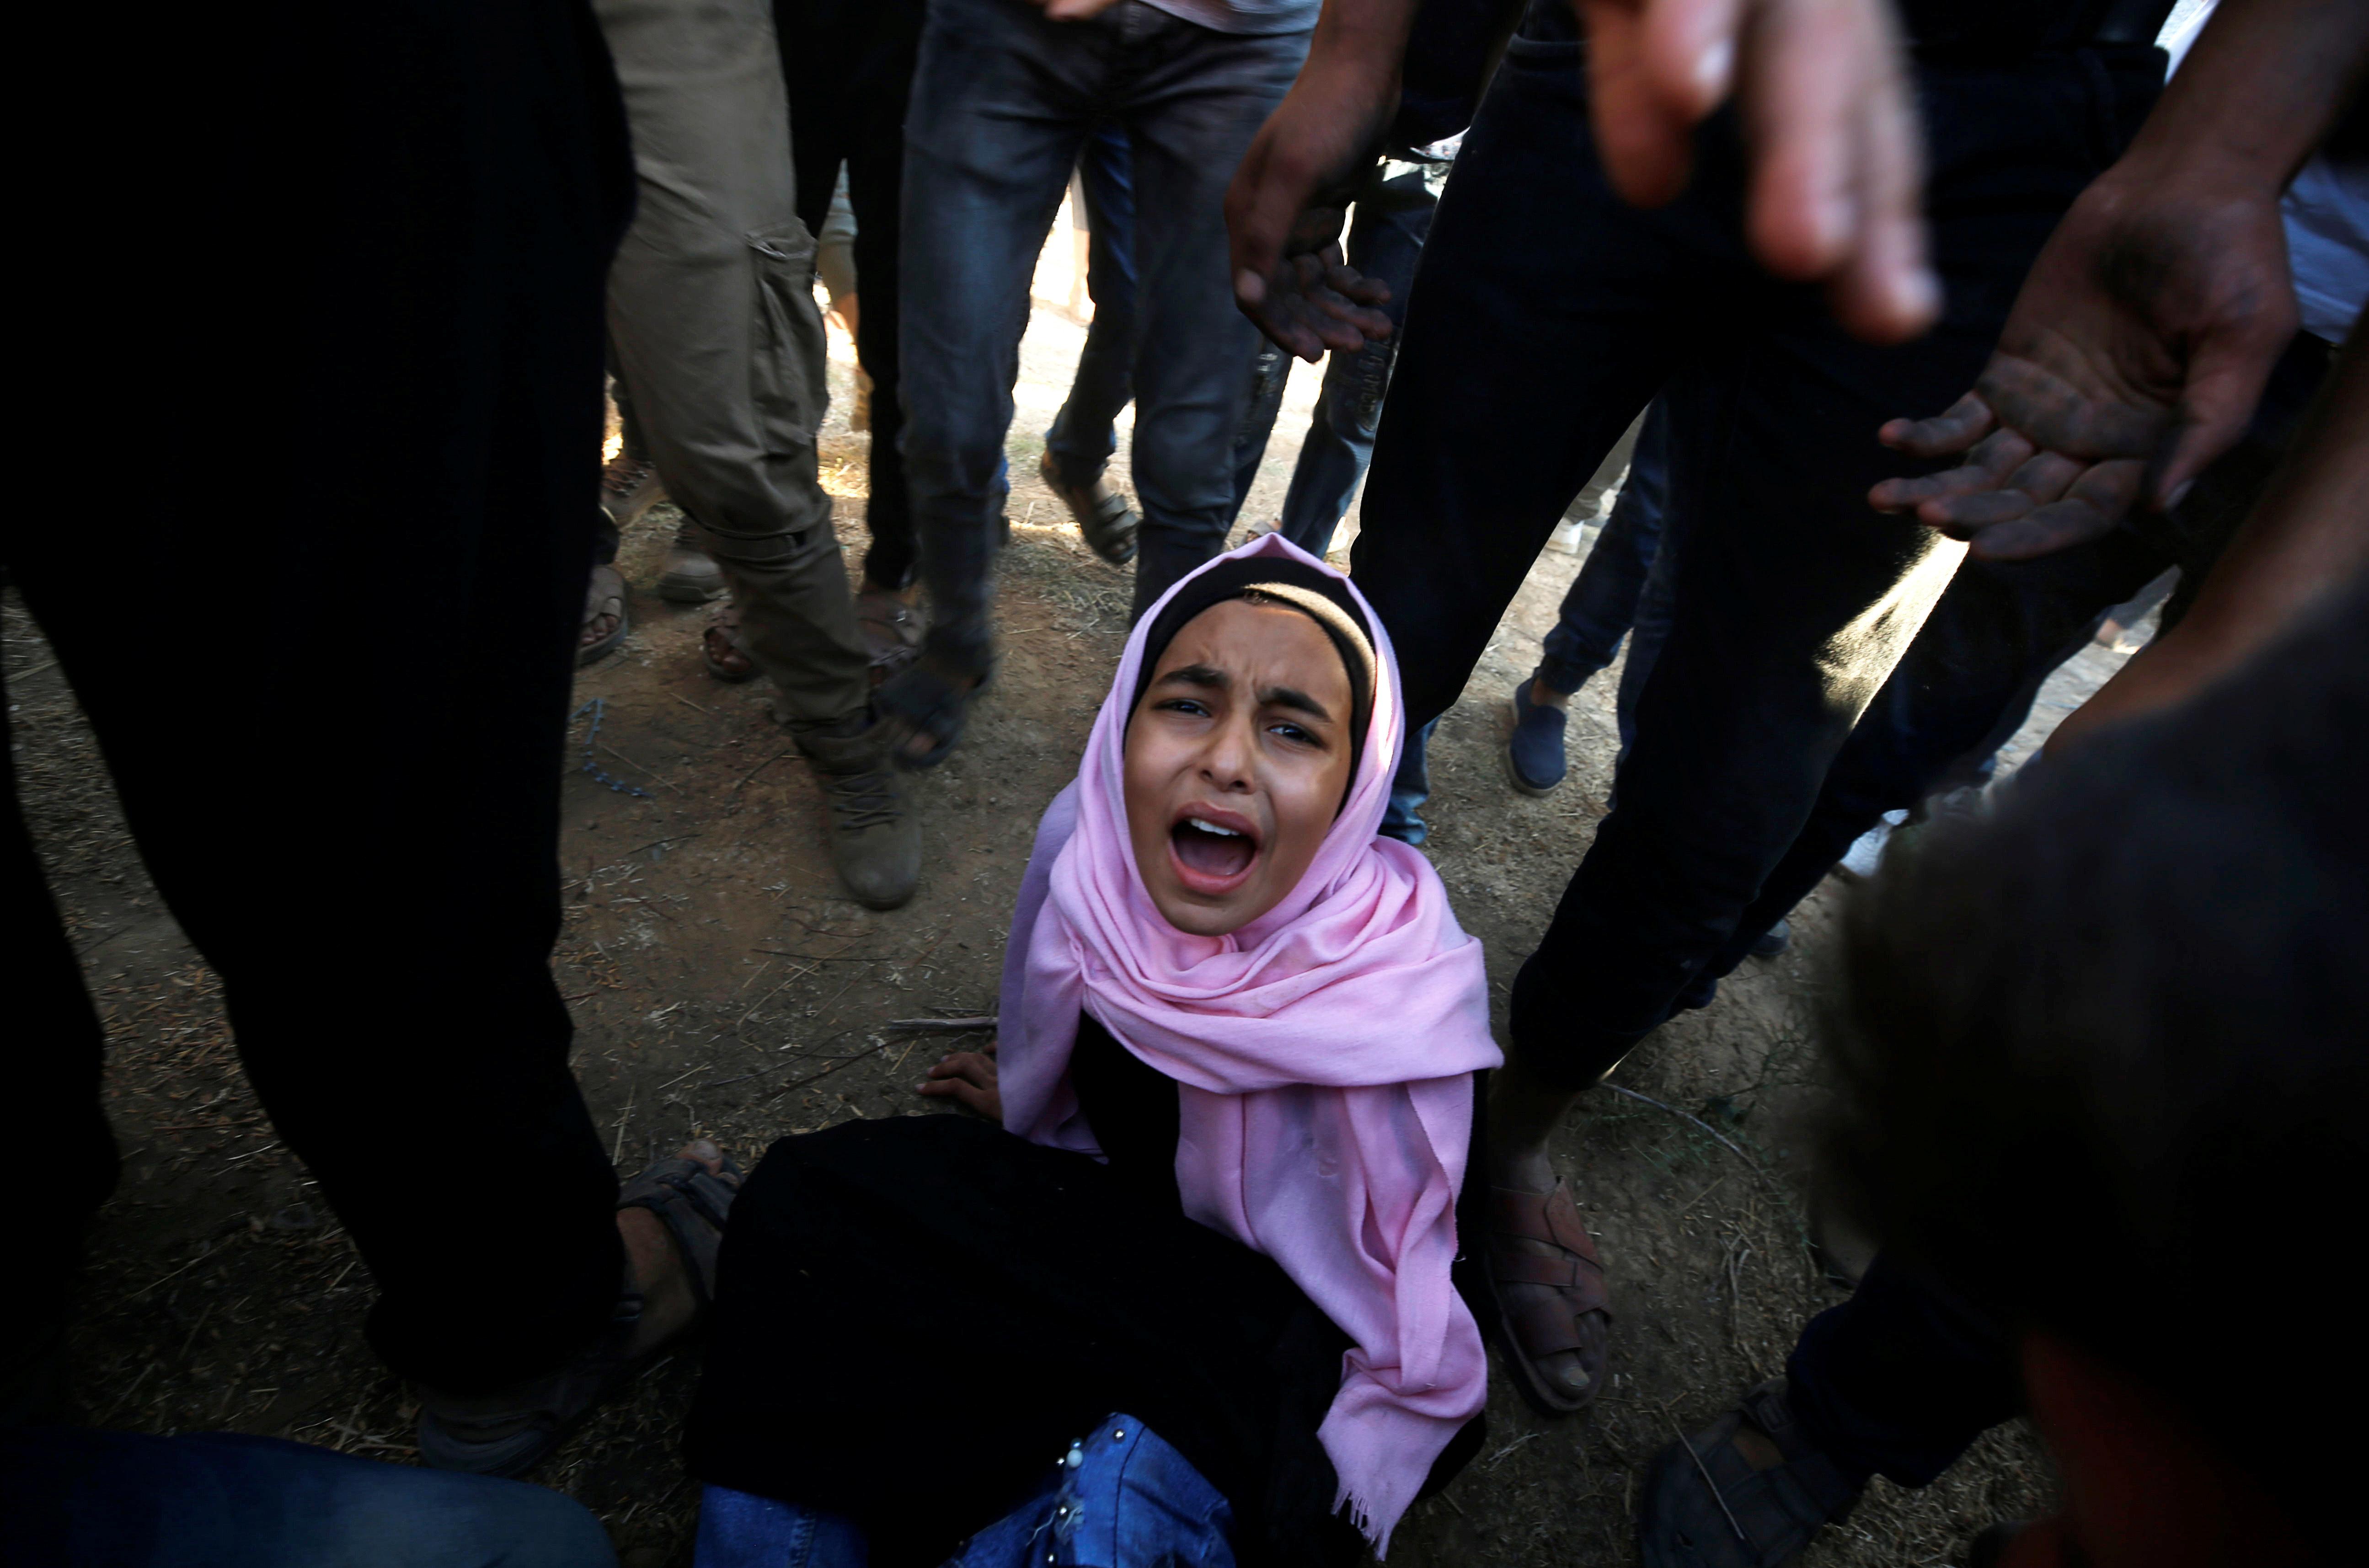 Δύο Παλαιστίνιοι σκοτώθηκαν και πάνω από 200 τραυματίστηκαν σε ταραχές στα σύνορα με τη Λωρίδα της